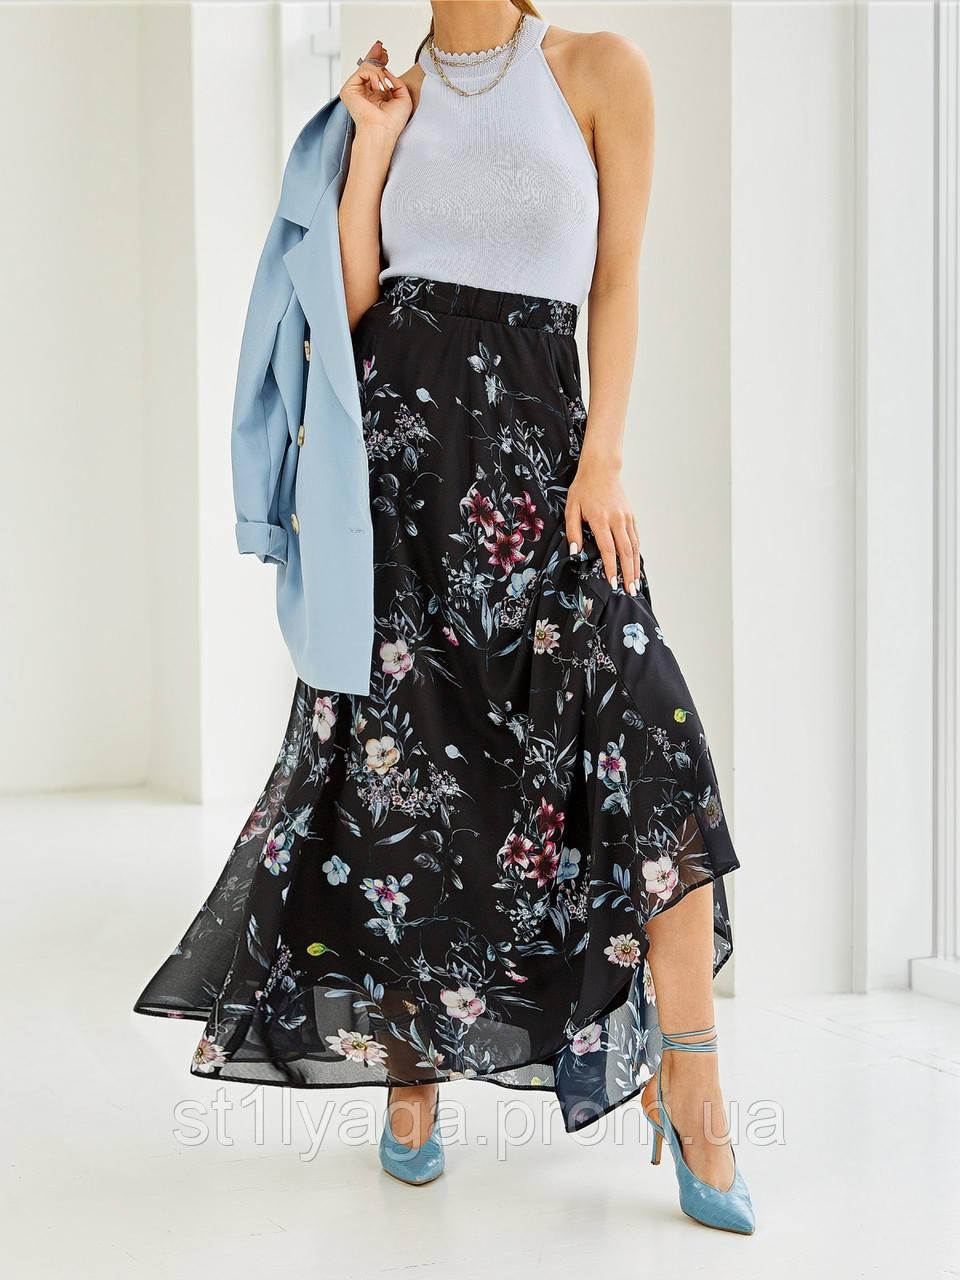 Шифоновая юбка-макси с цветочным принтом  ЛЕТО